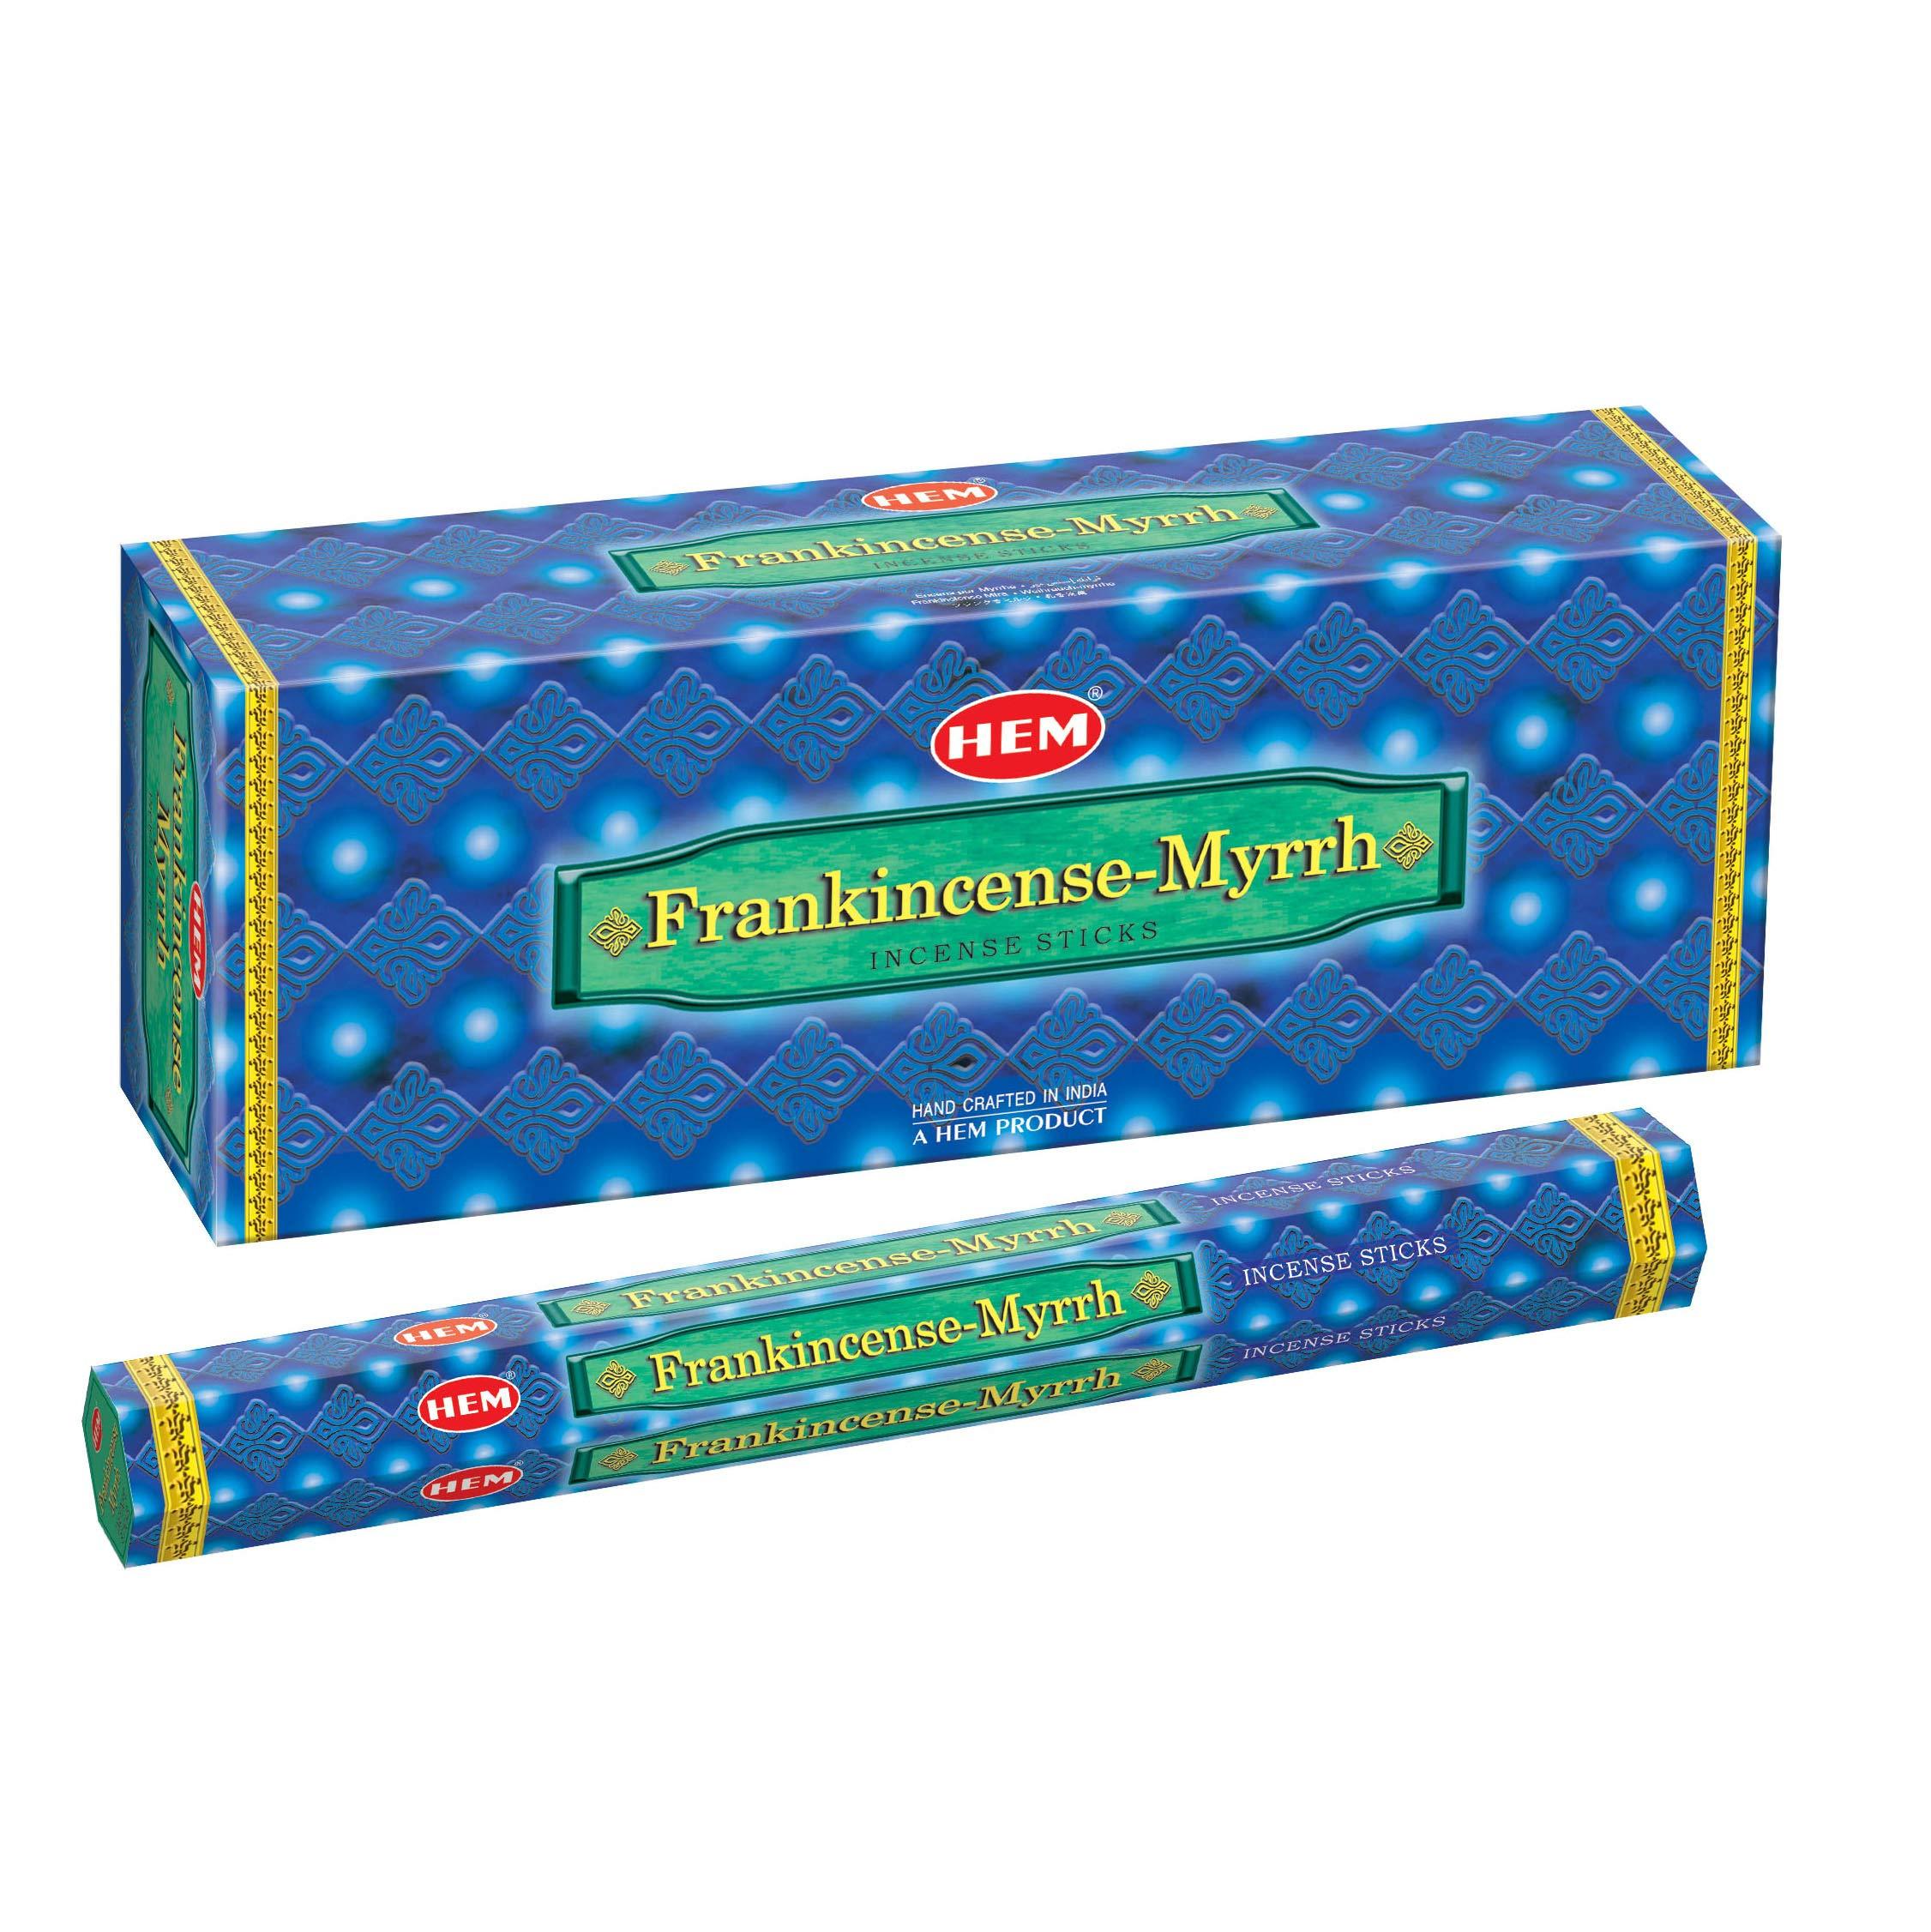 Hem Frankincense & Myrrh, 120 Sticks Box